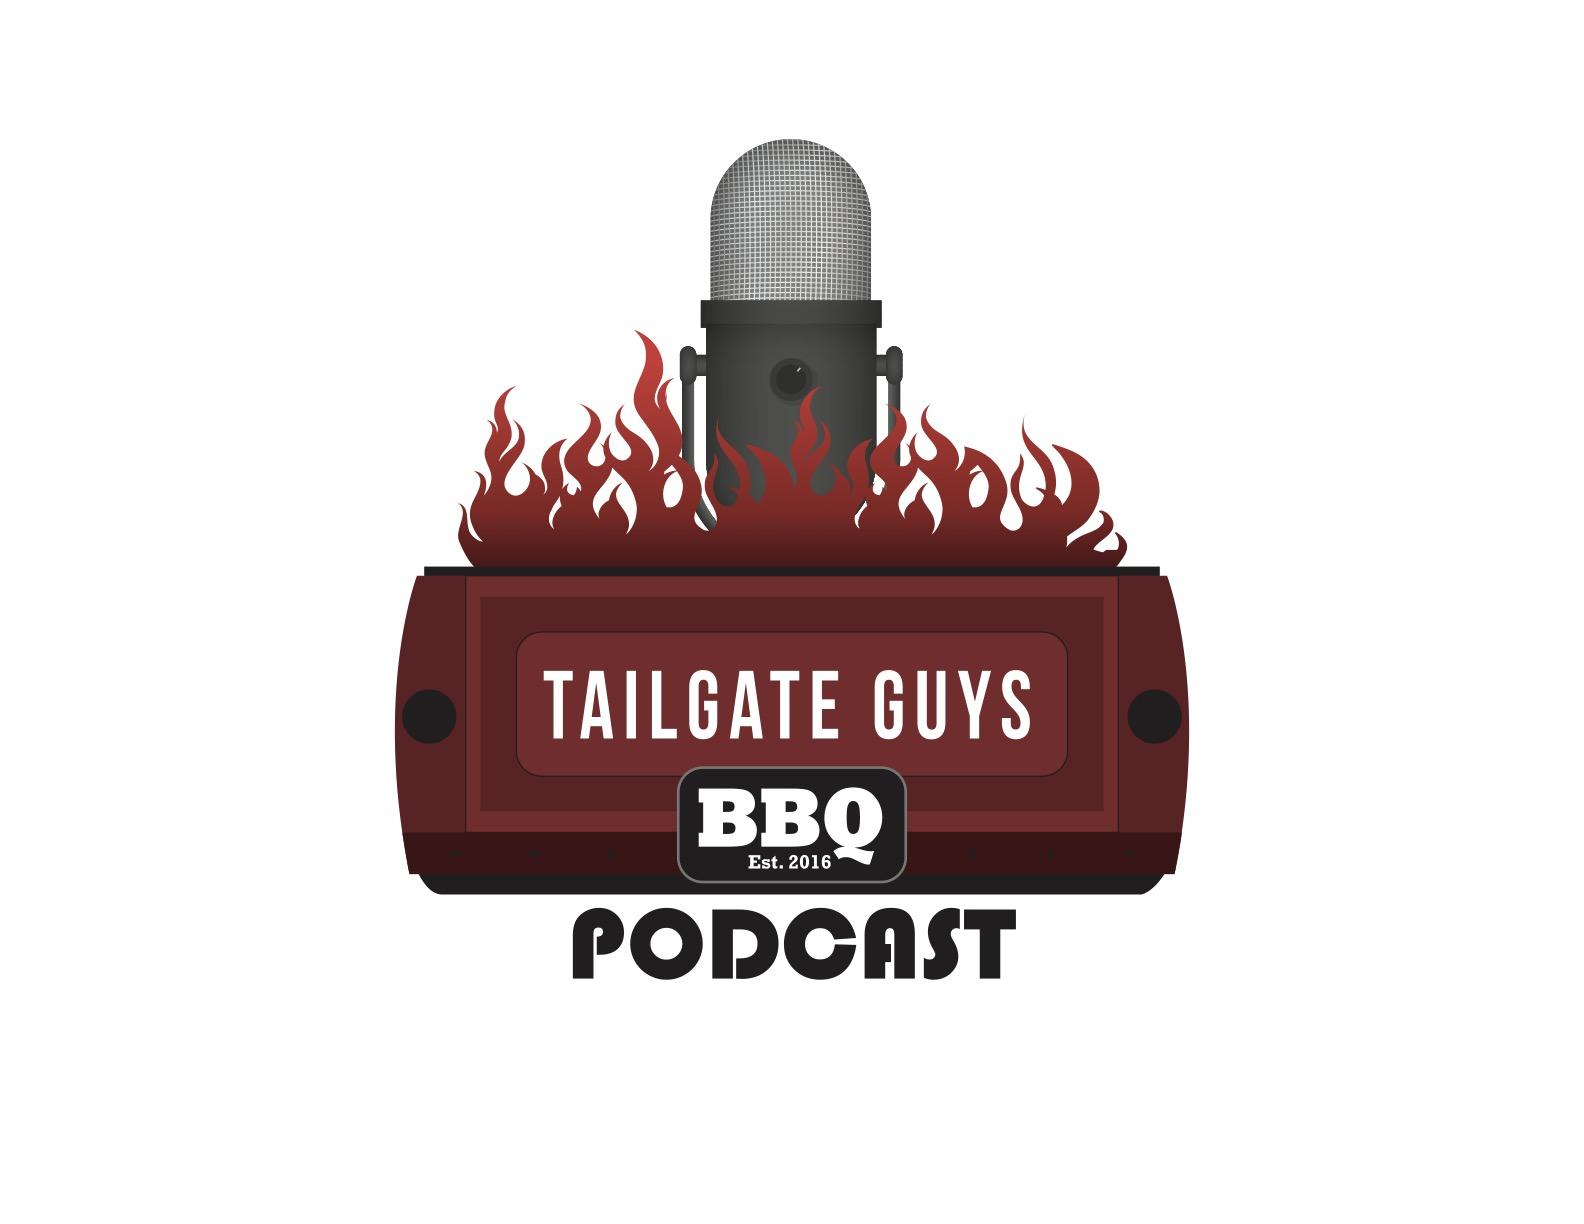 Tailgate Guys BBQ Show